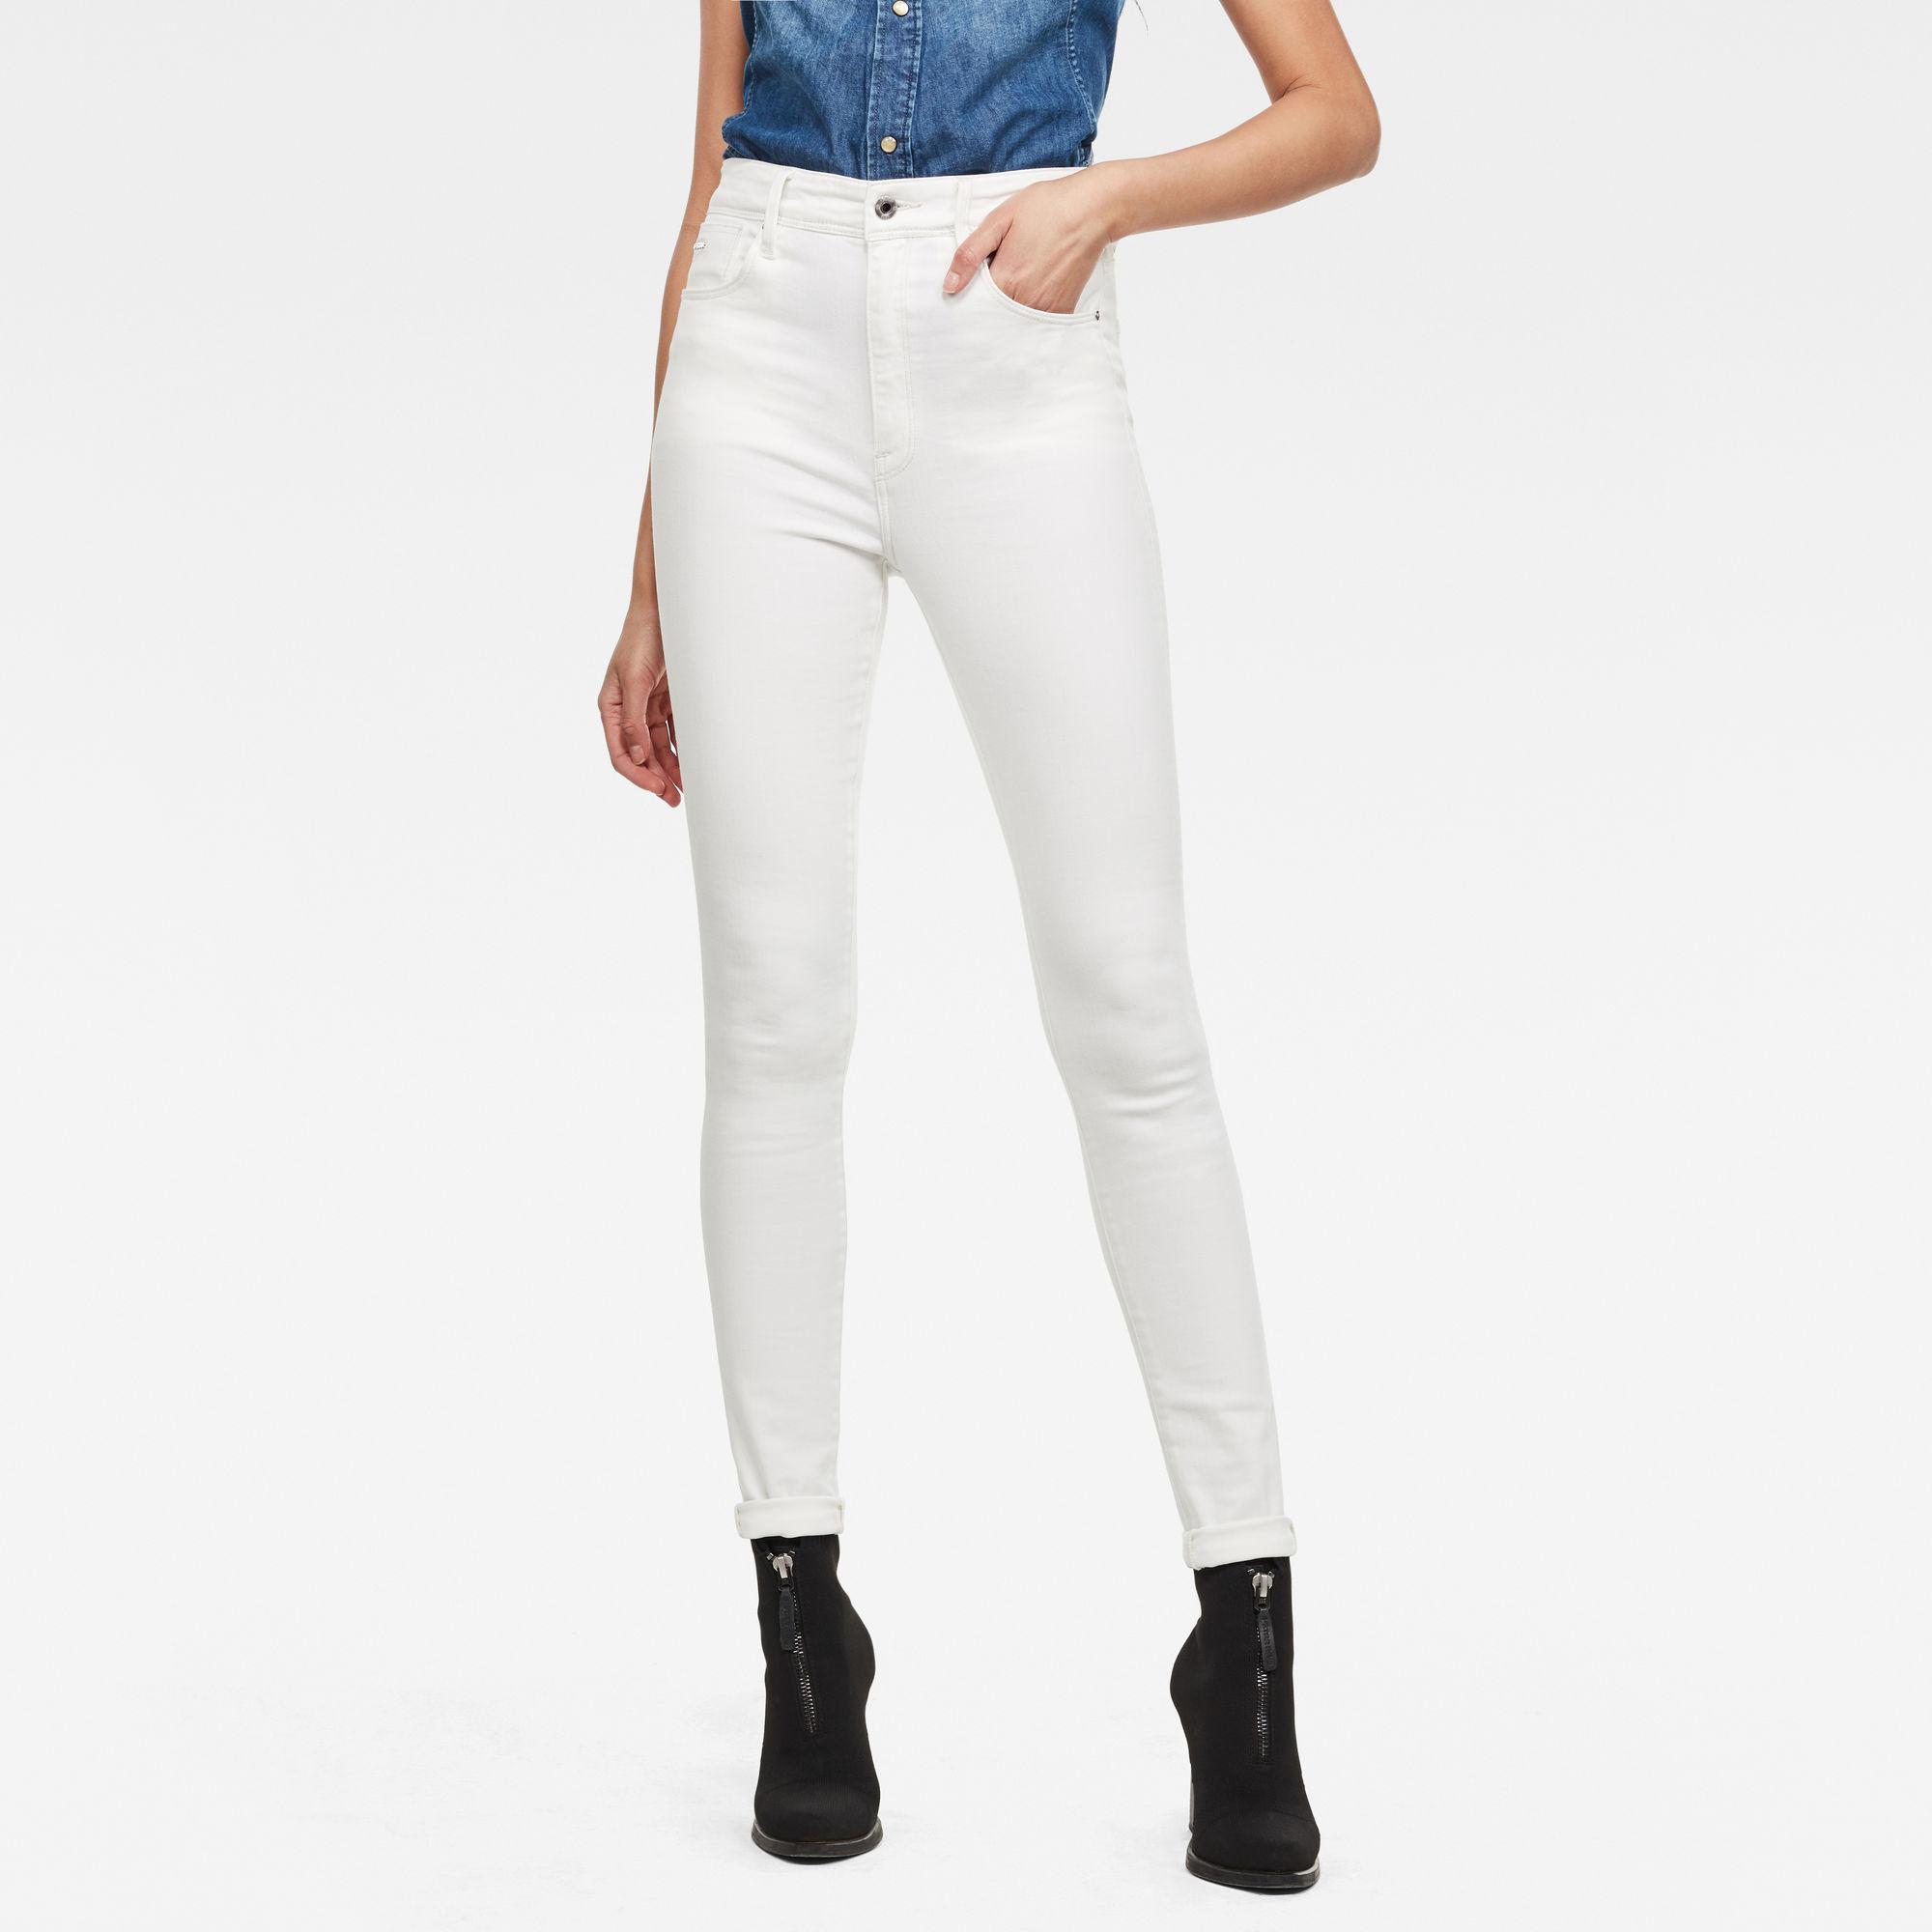 G-Star RAW Dames Kafey Ultra High Skinny Jeans Wit